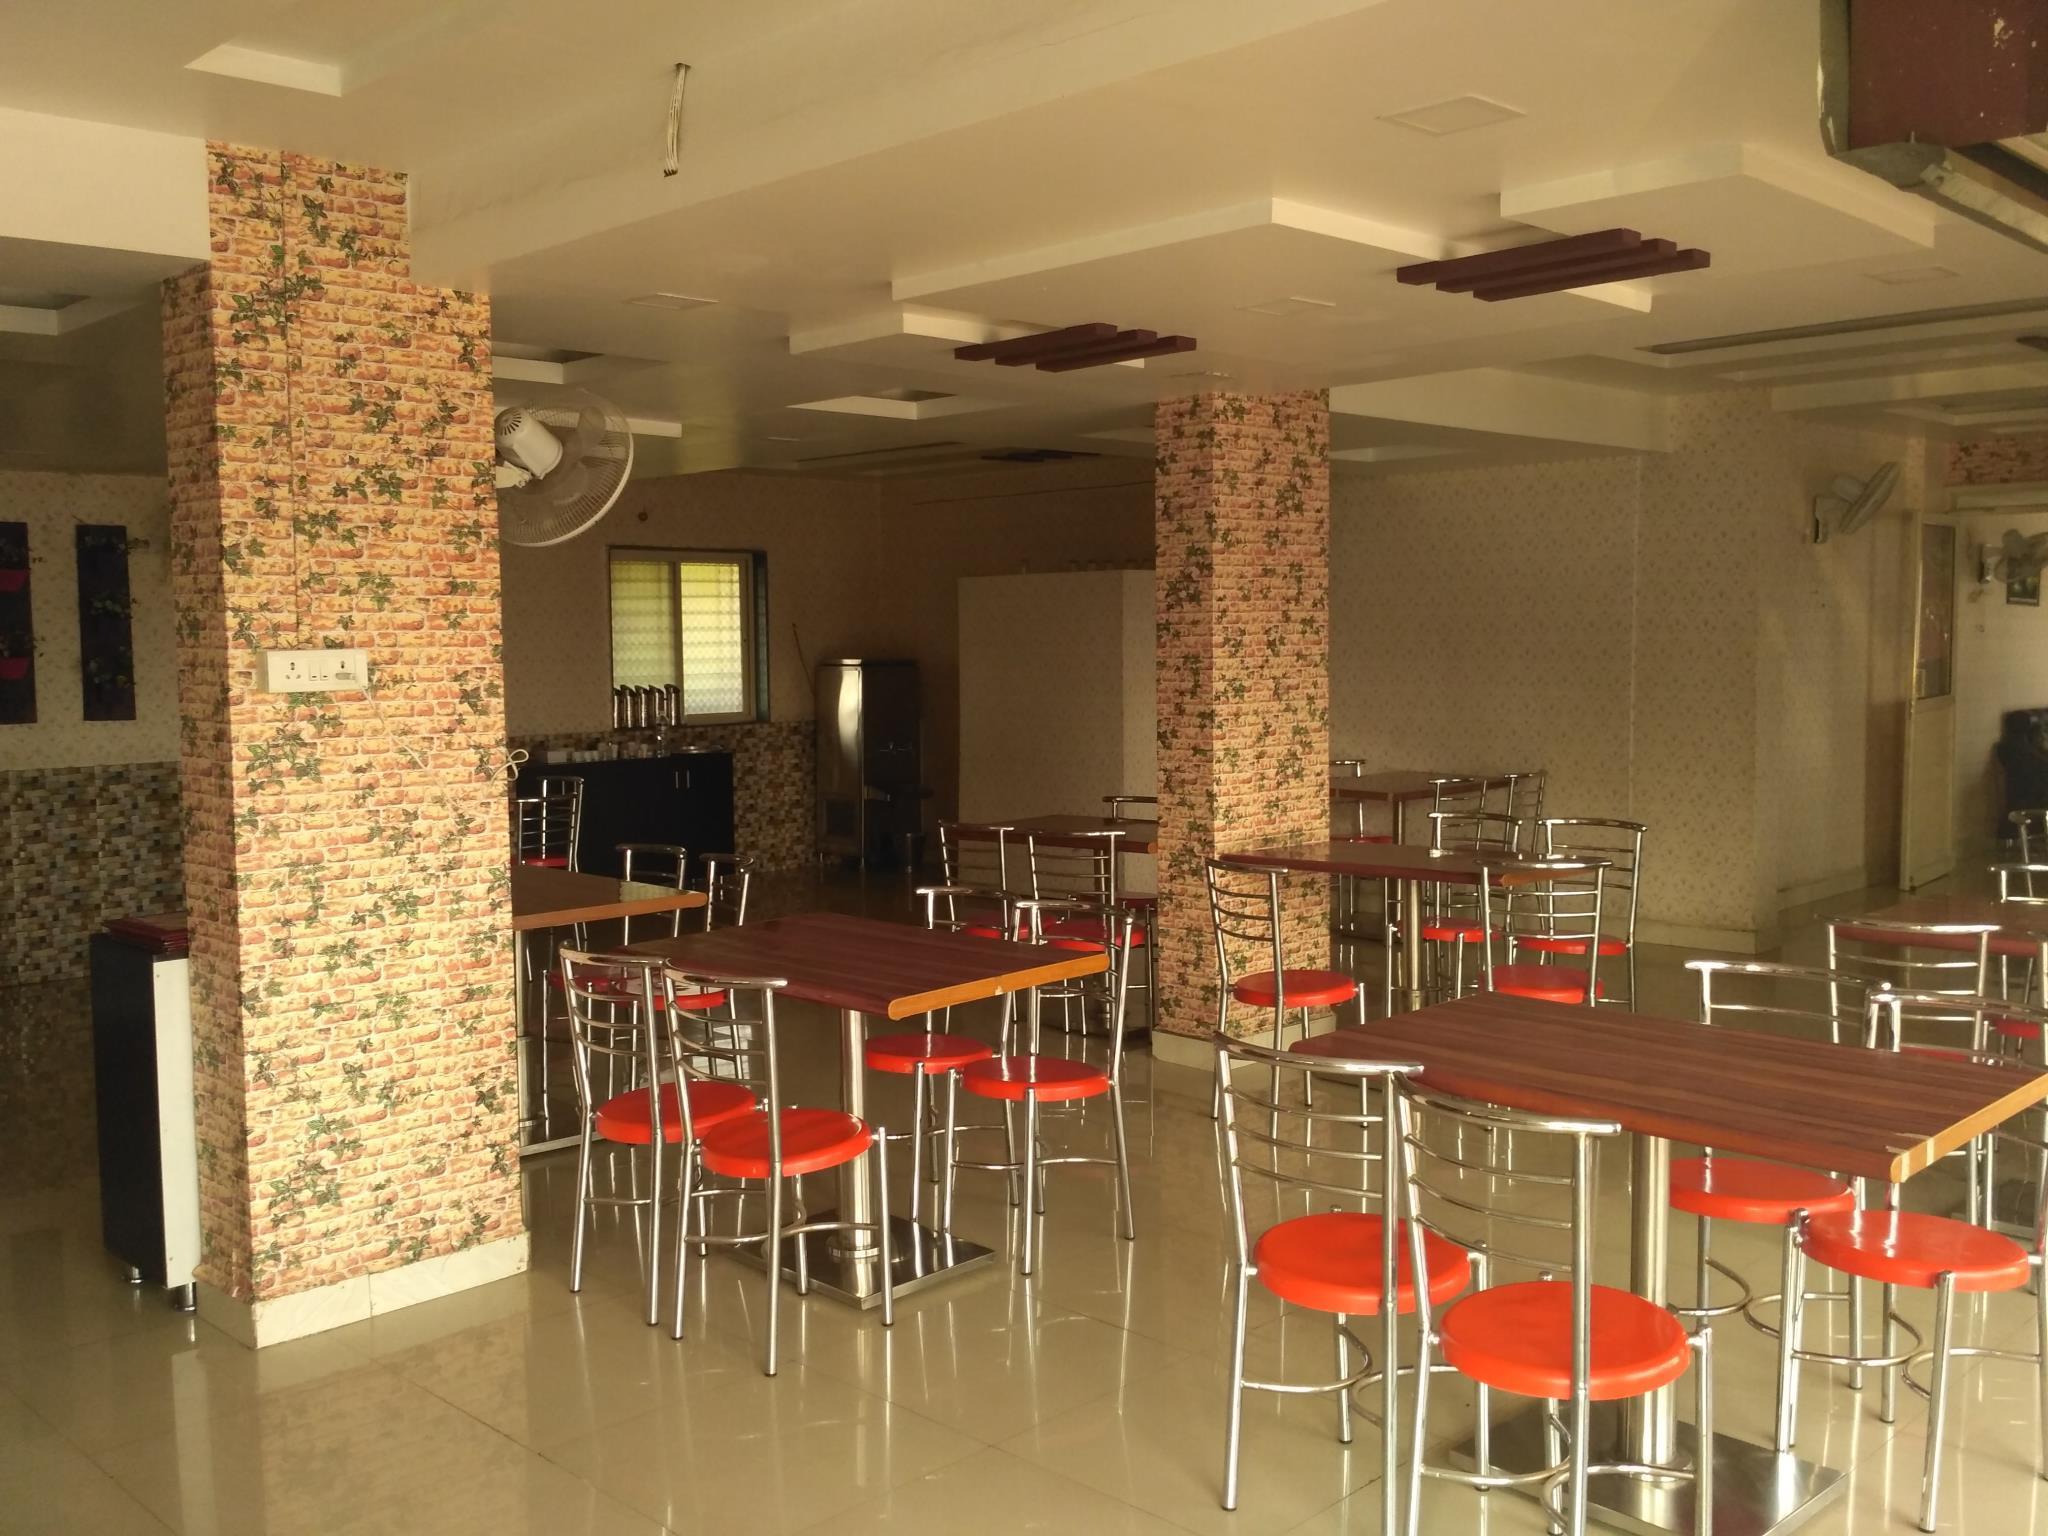 Hotel Morya Garden Ranjangaon